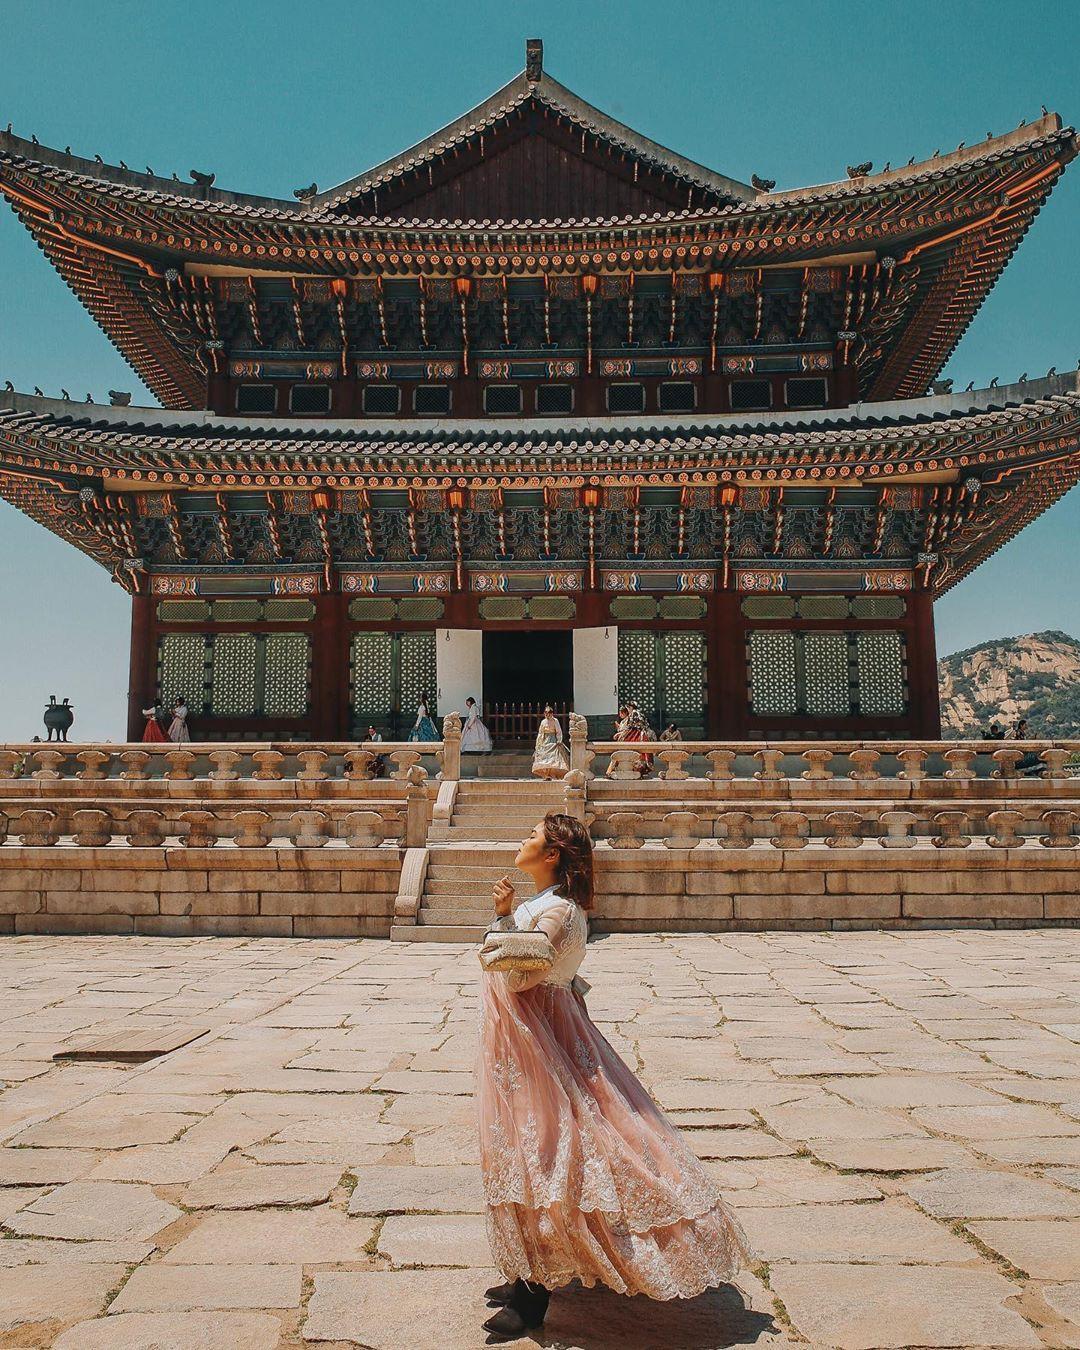 Lạc lối ở Seoul với những cung điện thường thấy trong các bộ phim cổ trang Hàn Quốc - Ảnh 8.